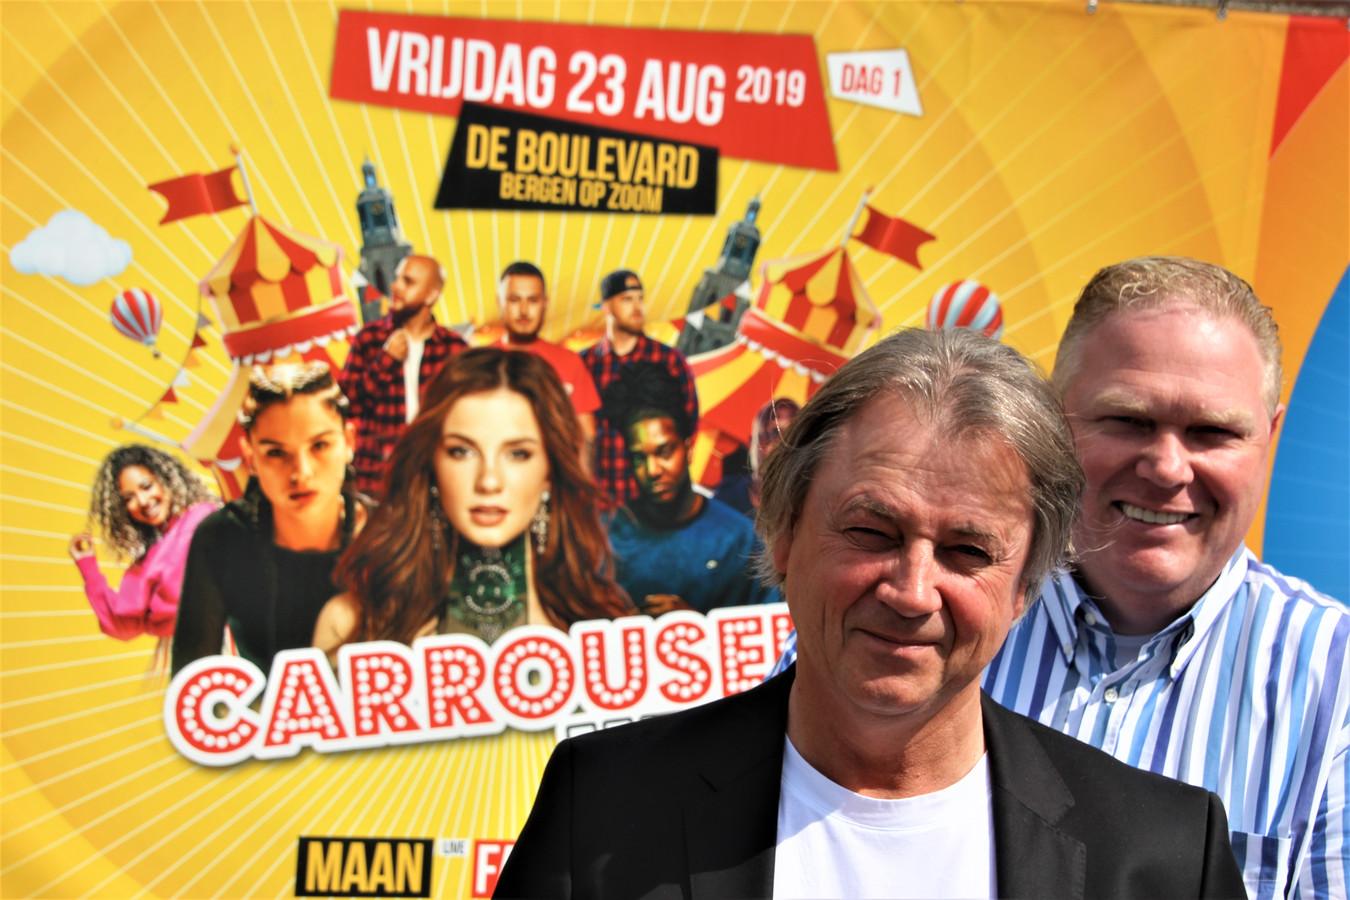 Organisatoren Aart Stuij en Jan Geers hebben onder andere Maan en Gerard Joling weten te strikken voor hun festival.